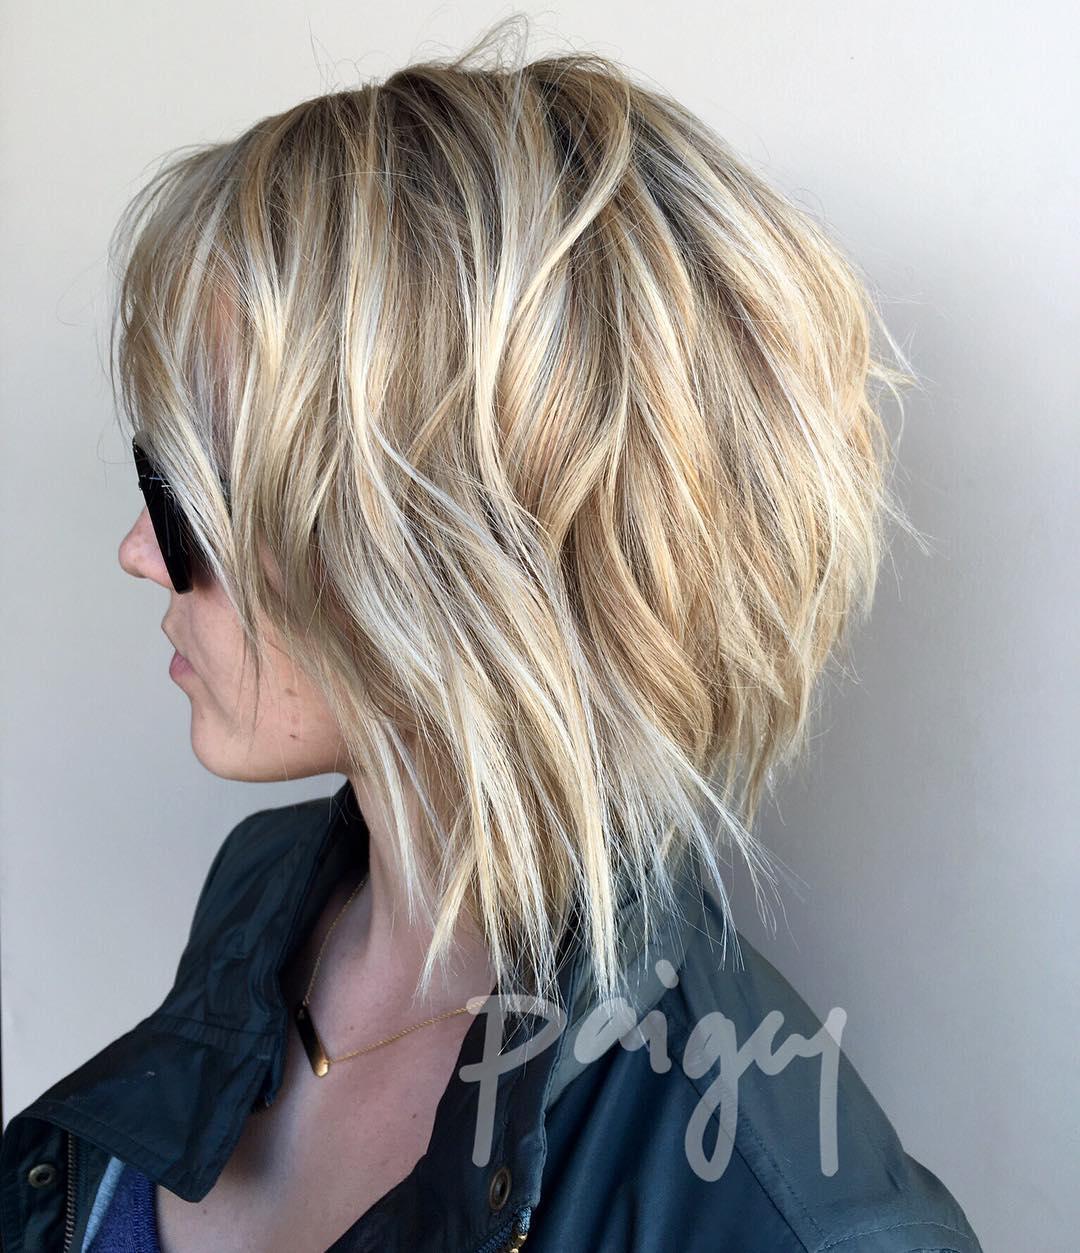 10 super cute and easy medium hairstyles, 2018 women medium haircut